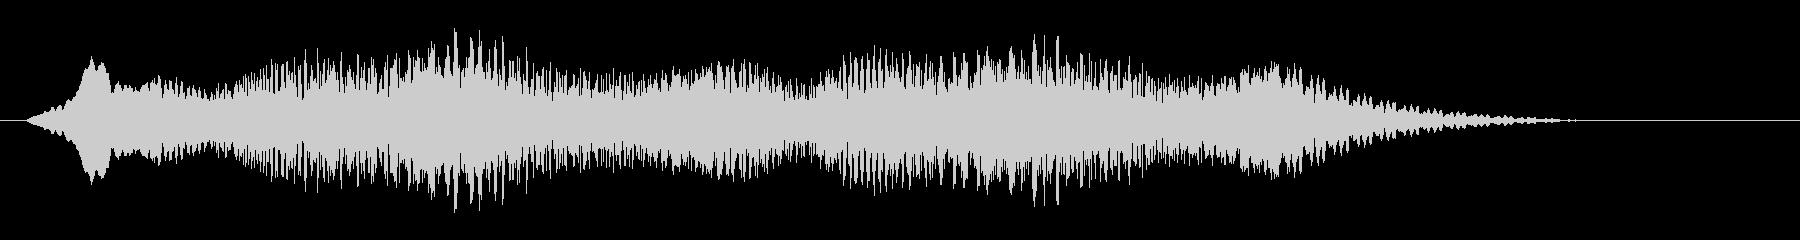 素材 揺れるドローン08の未再生の波形